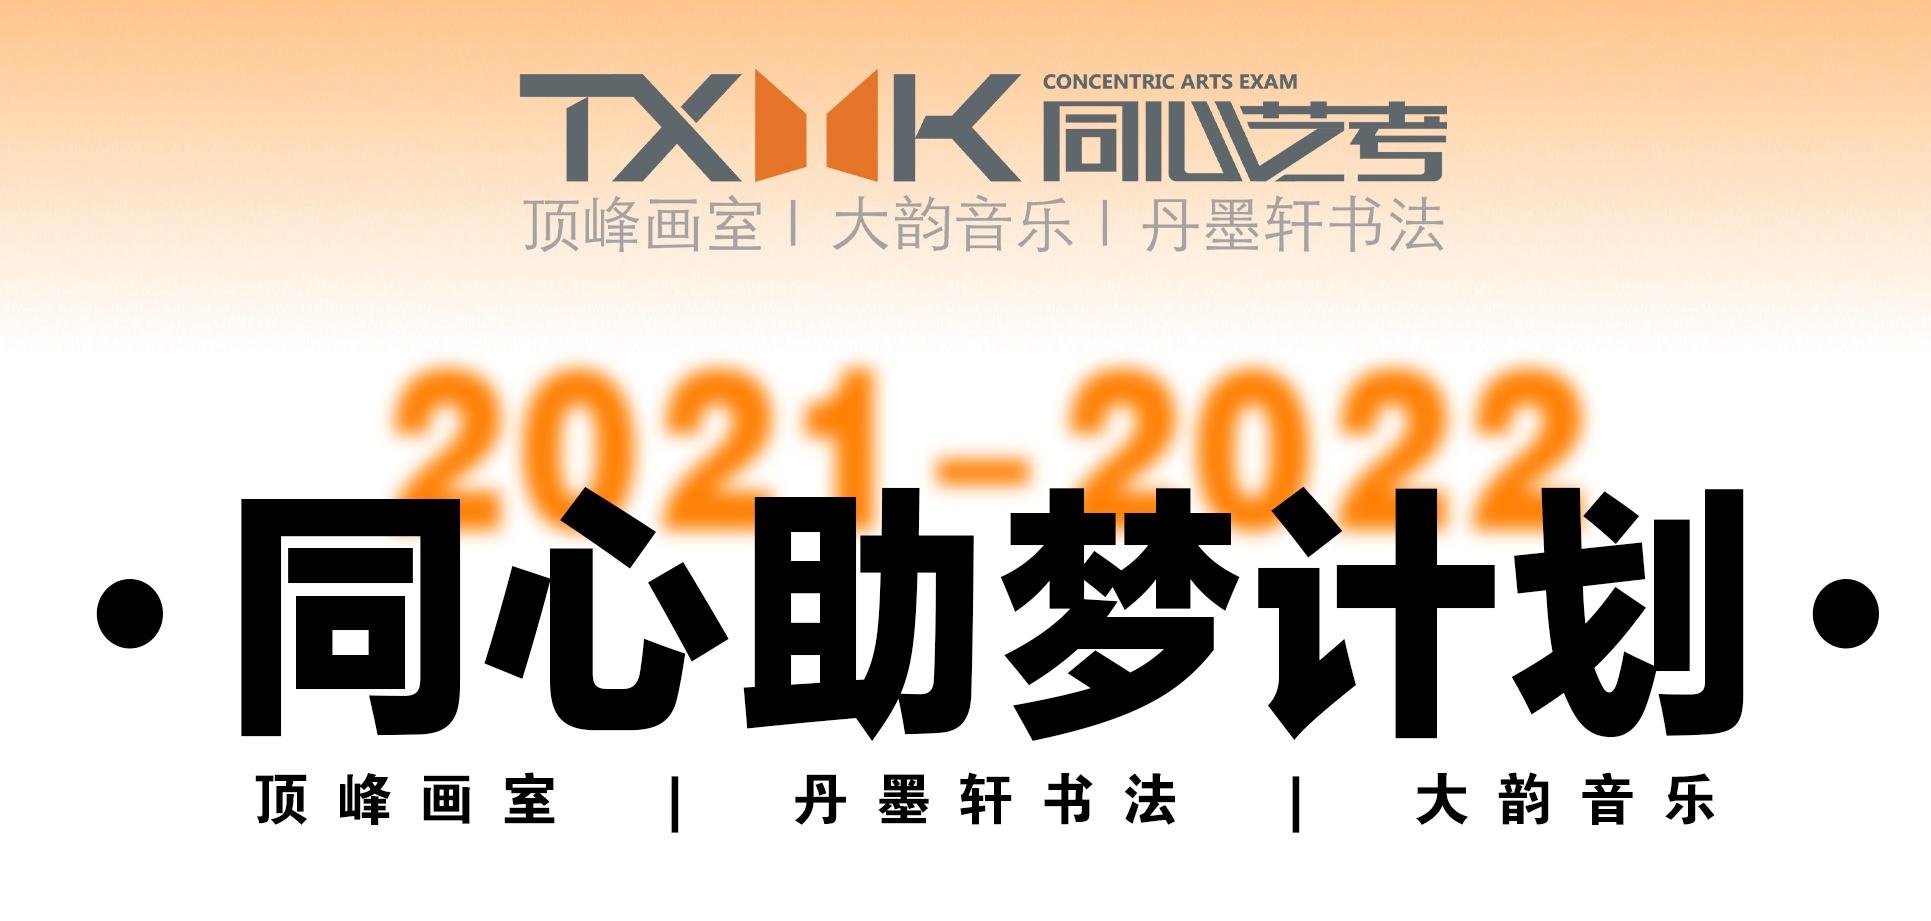 【同心助梦计划】同心艺考丨丹墨轩书法0元预报名!